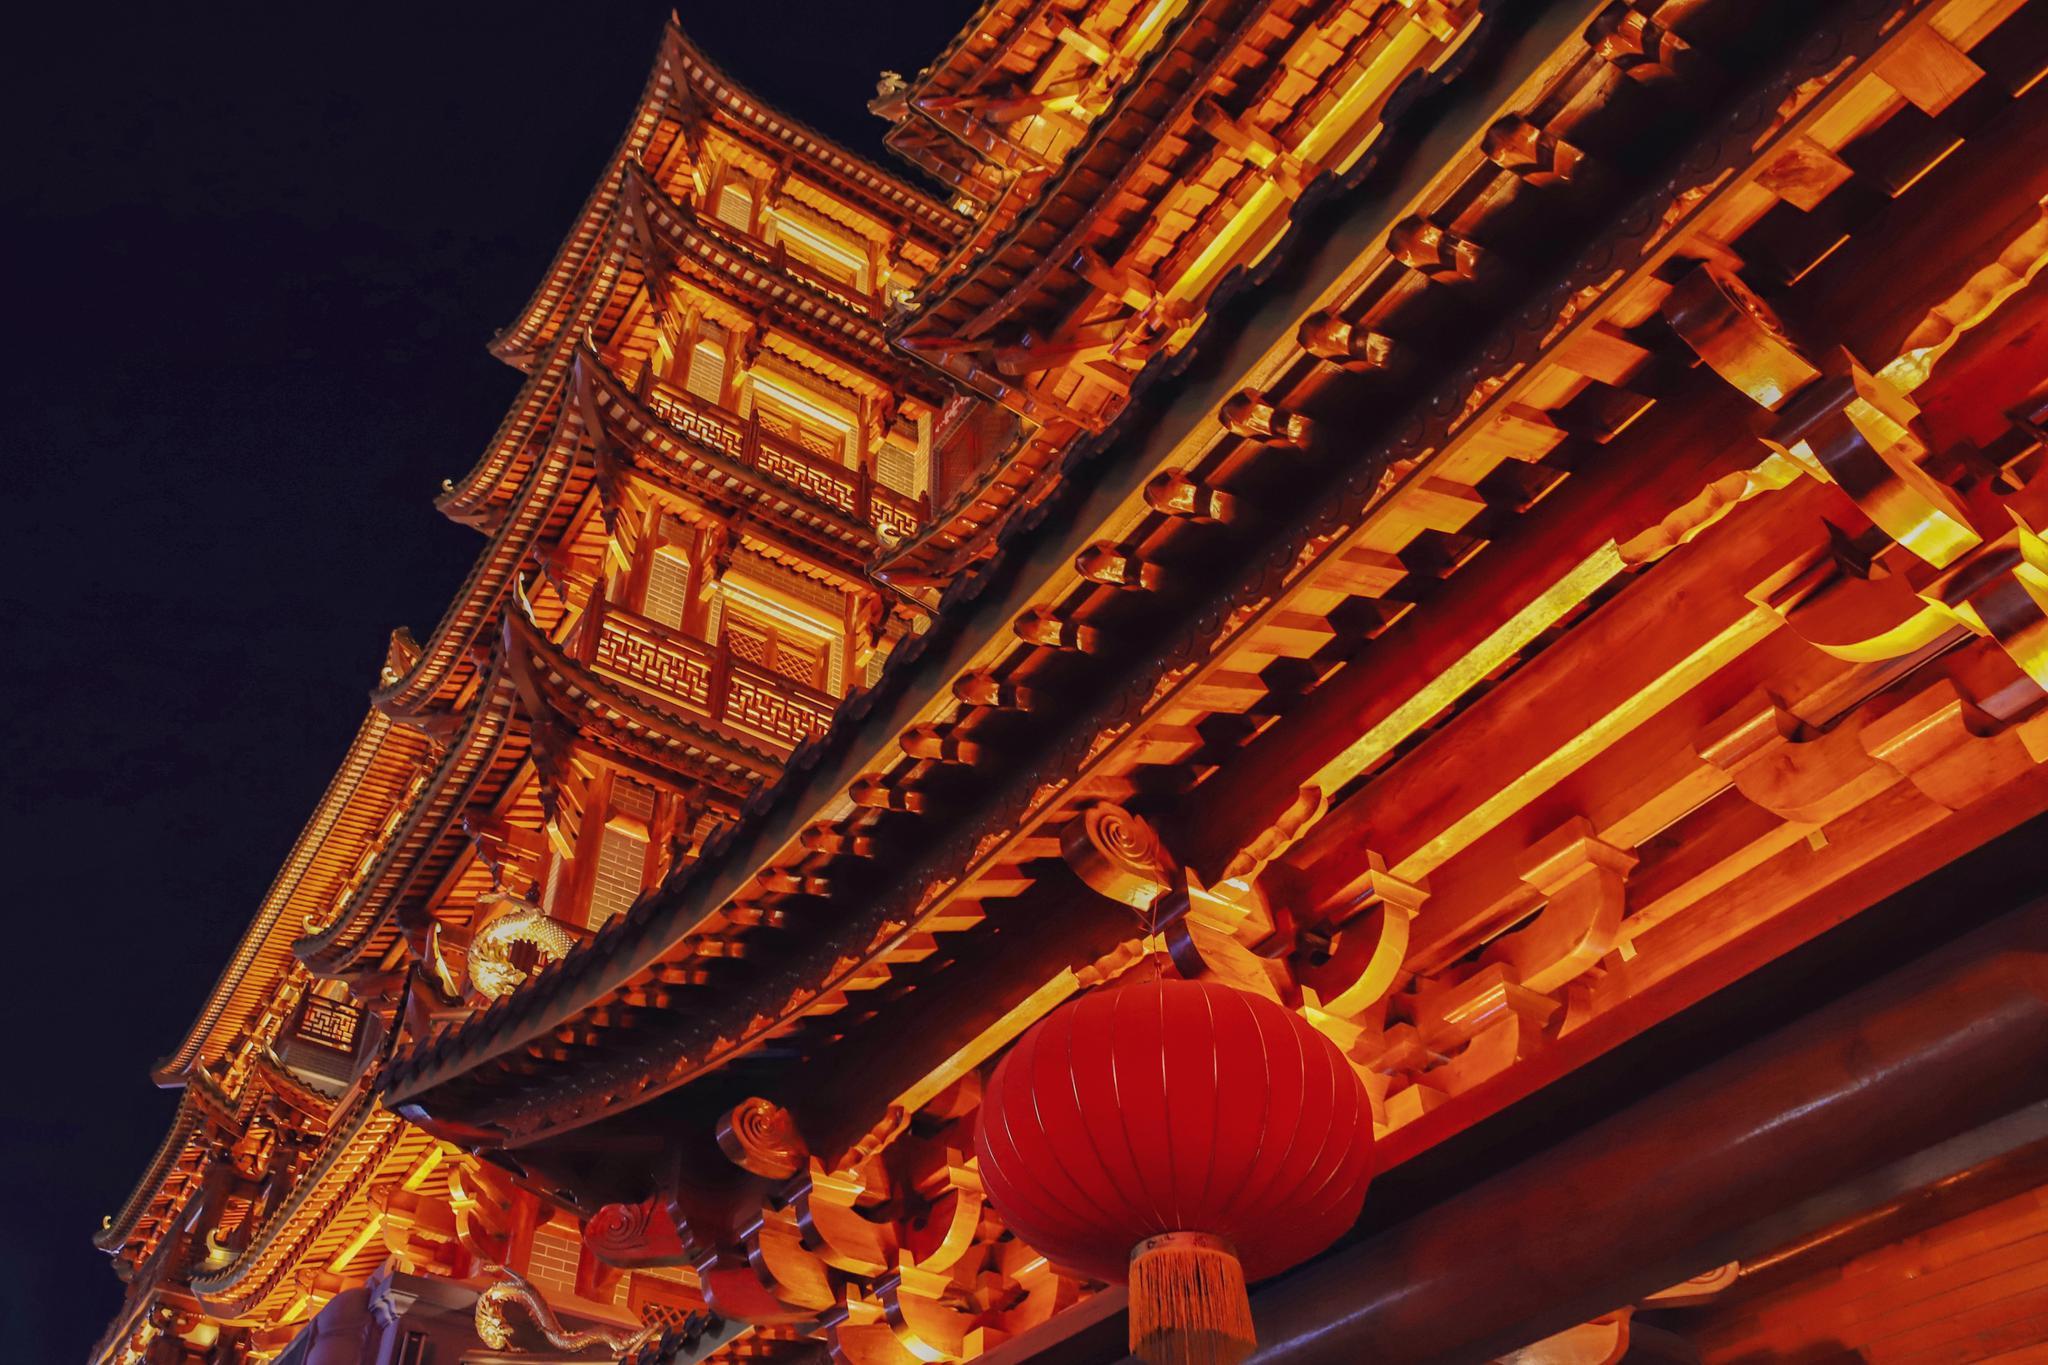 位于闹市中的大佛寺 一到晚上灯火通明颇为壮观